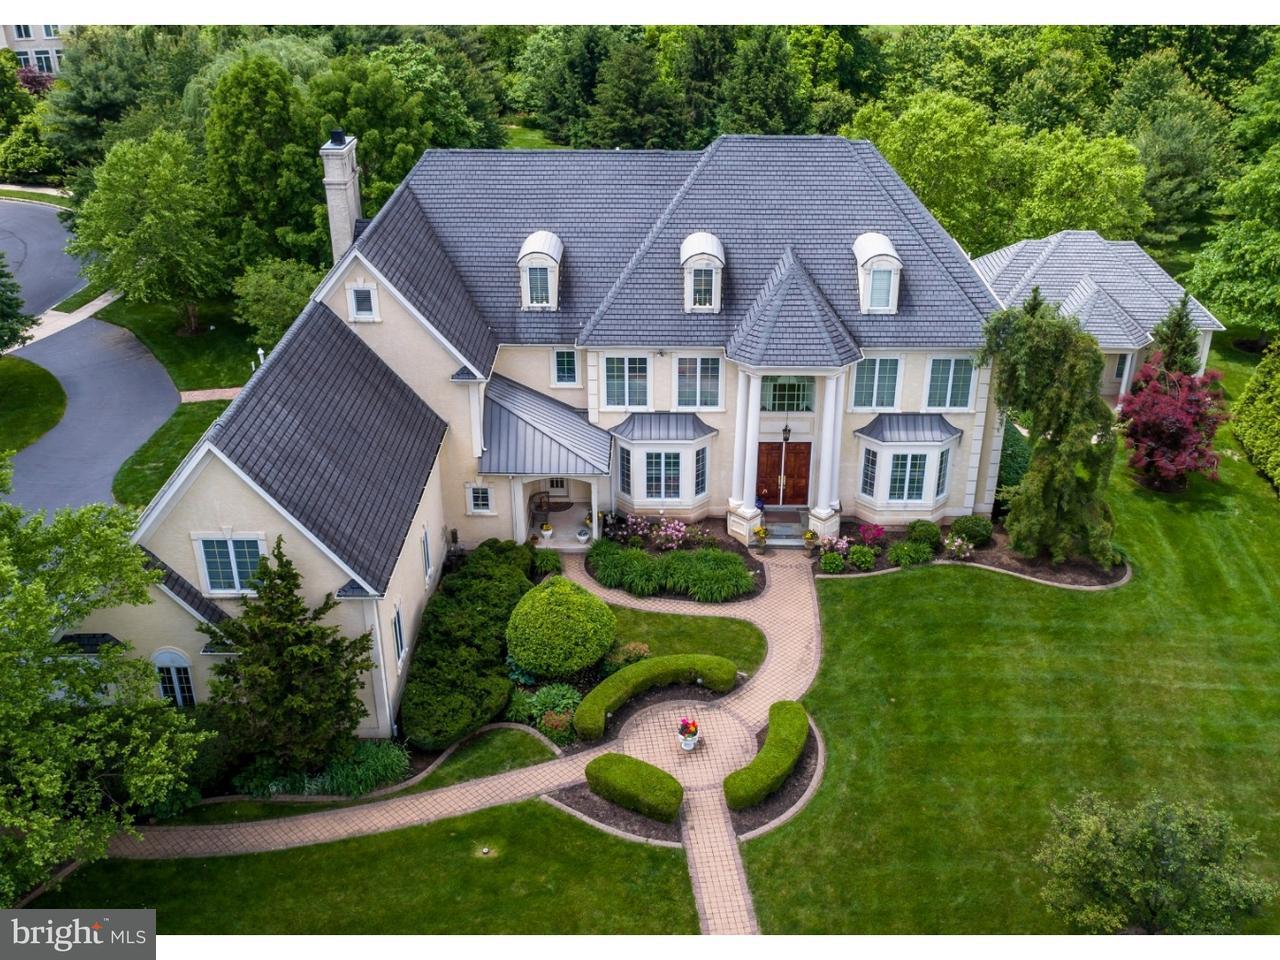 独户住宅 为 销售 在 710 DAVENTRY WAY 安布勒, 宾夕法尼亚州 19002 美国